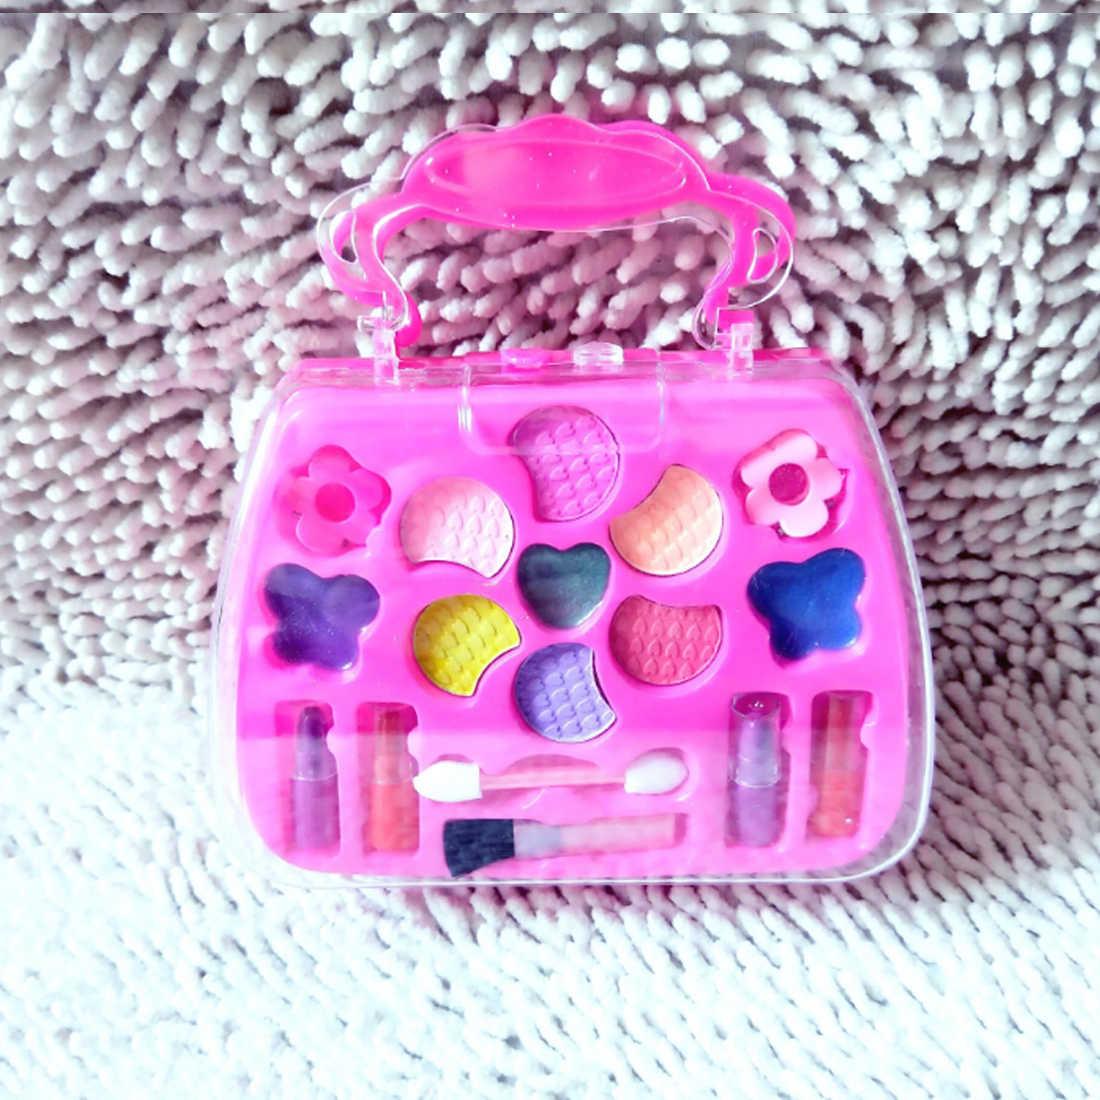 Новое поступление Детские ролевые игры макияж комплект маленькие девочки косметический набор игрушки для девочек подарок на день рождения Обучение красота наборы 2019